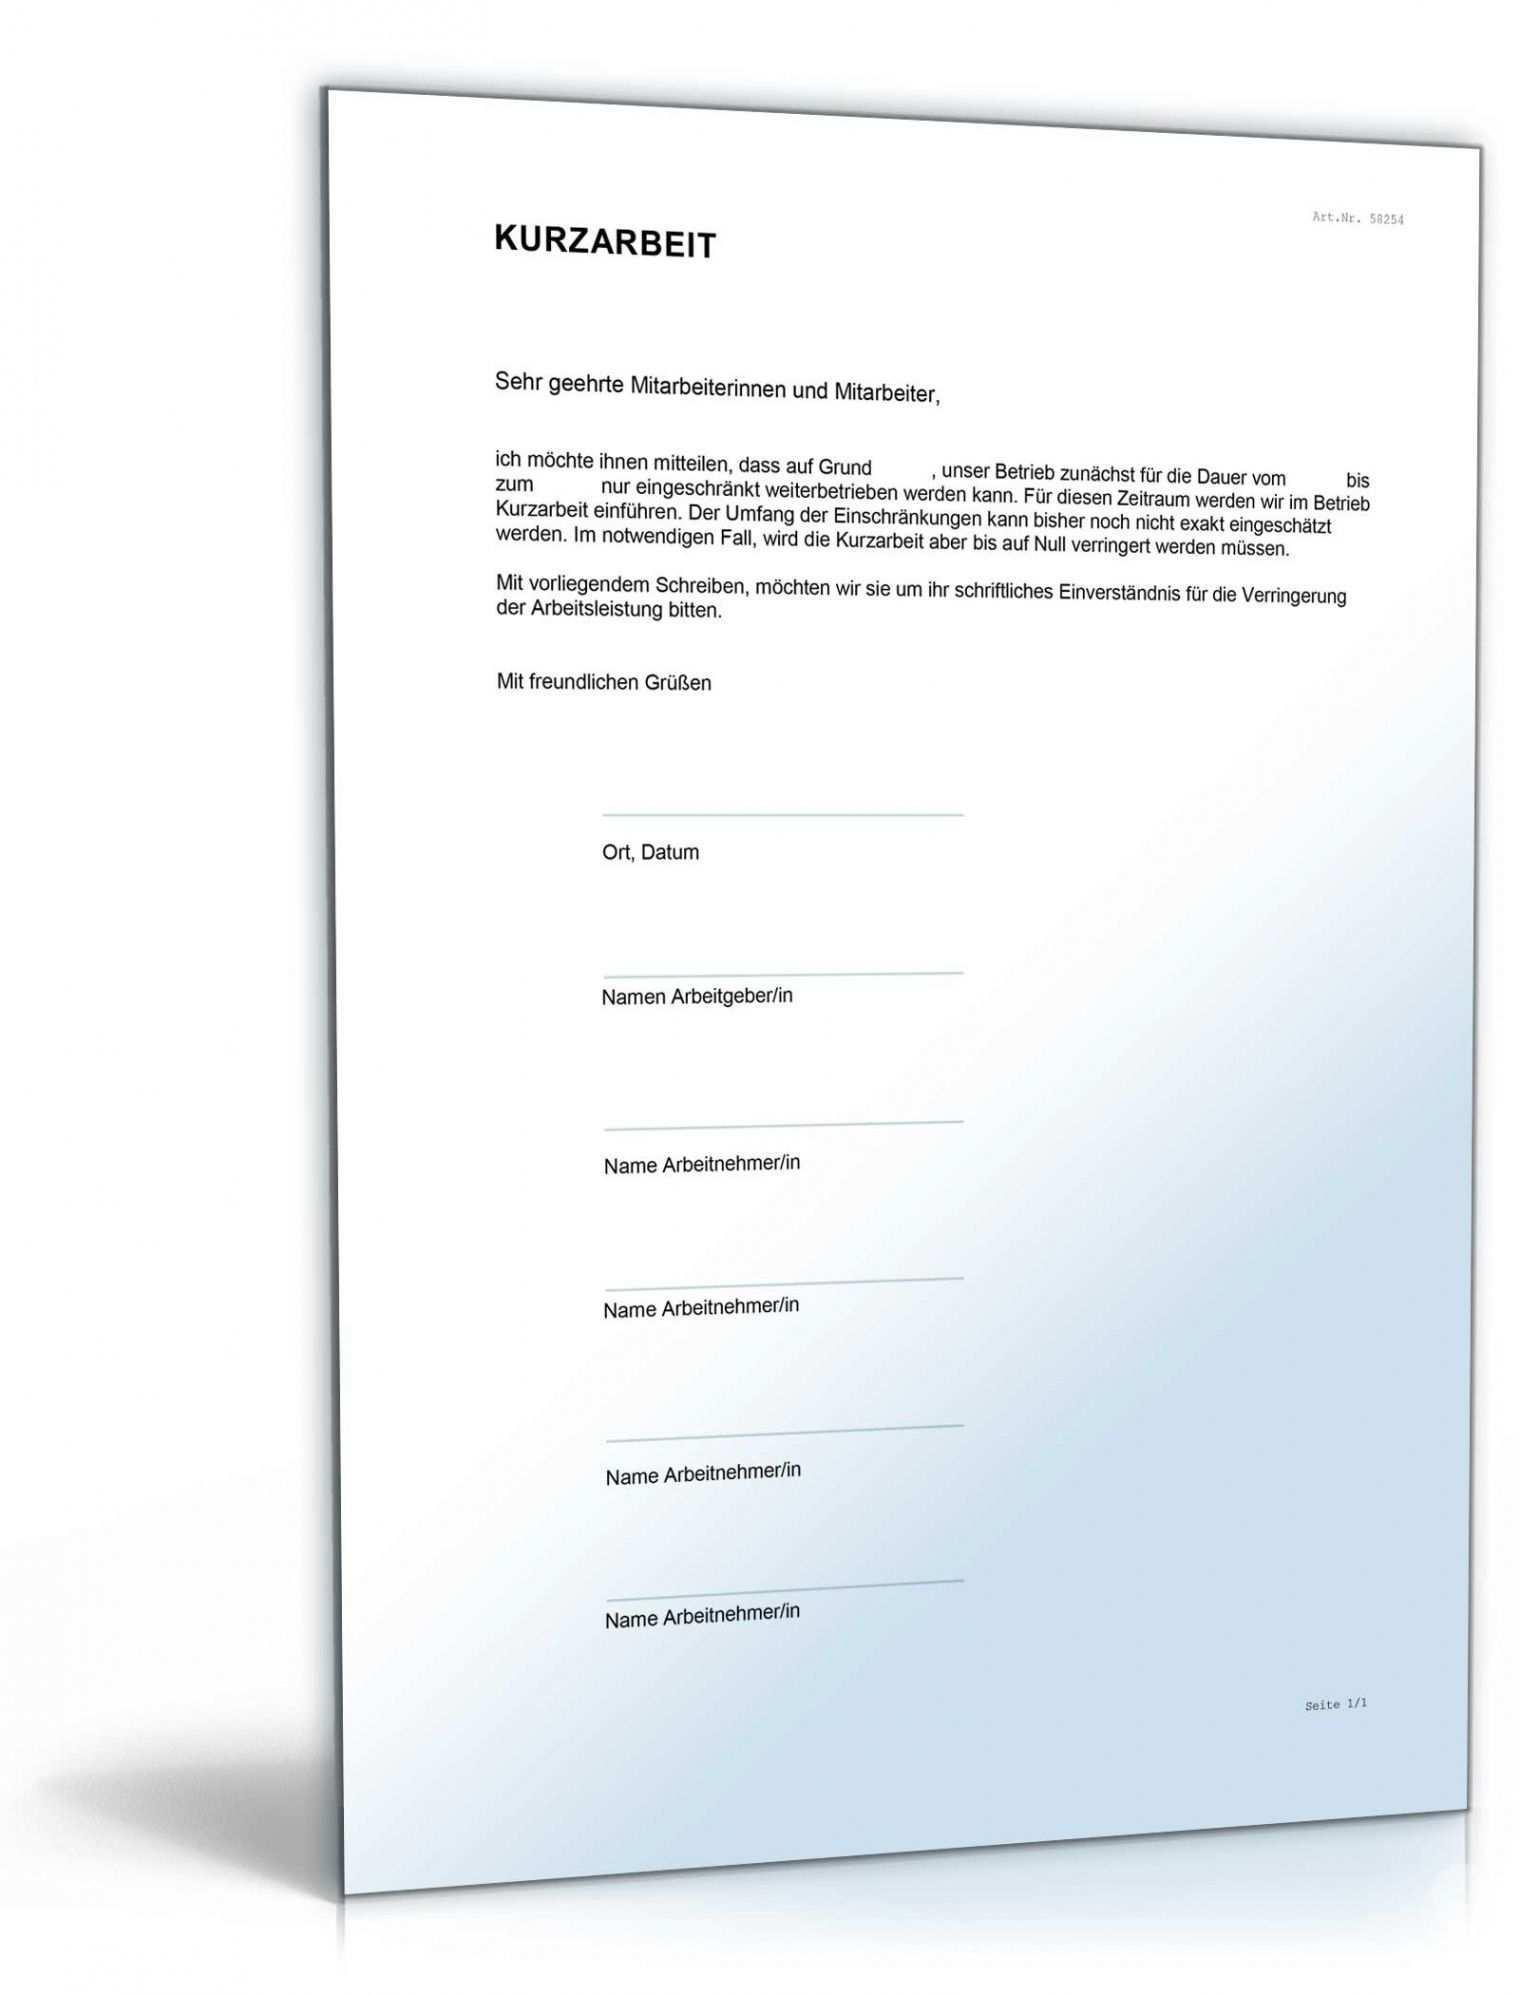 Durchsuche Unsere Druckbar Von Vereinbarung Arbeitnehmer Kurzarbeit Vorlage Vorlagen Vereinbarung Arbeit